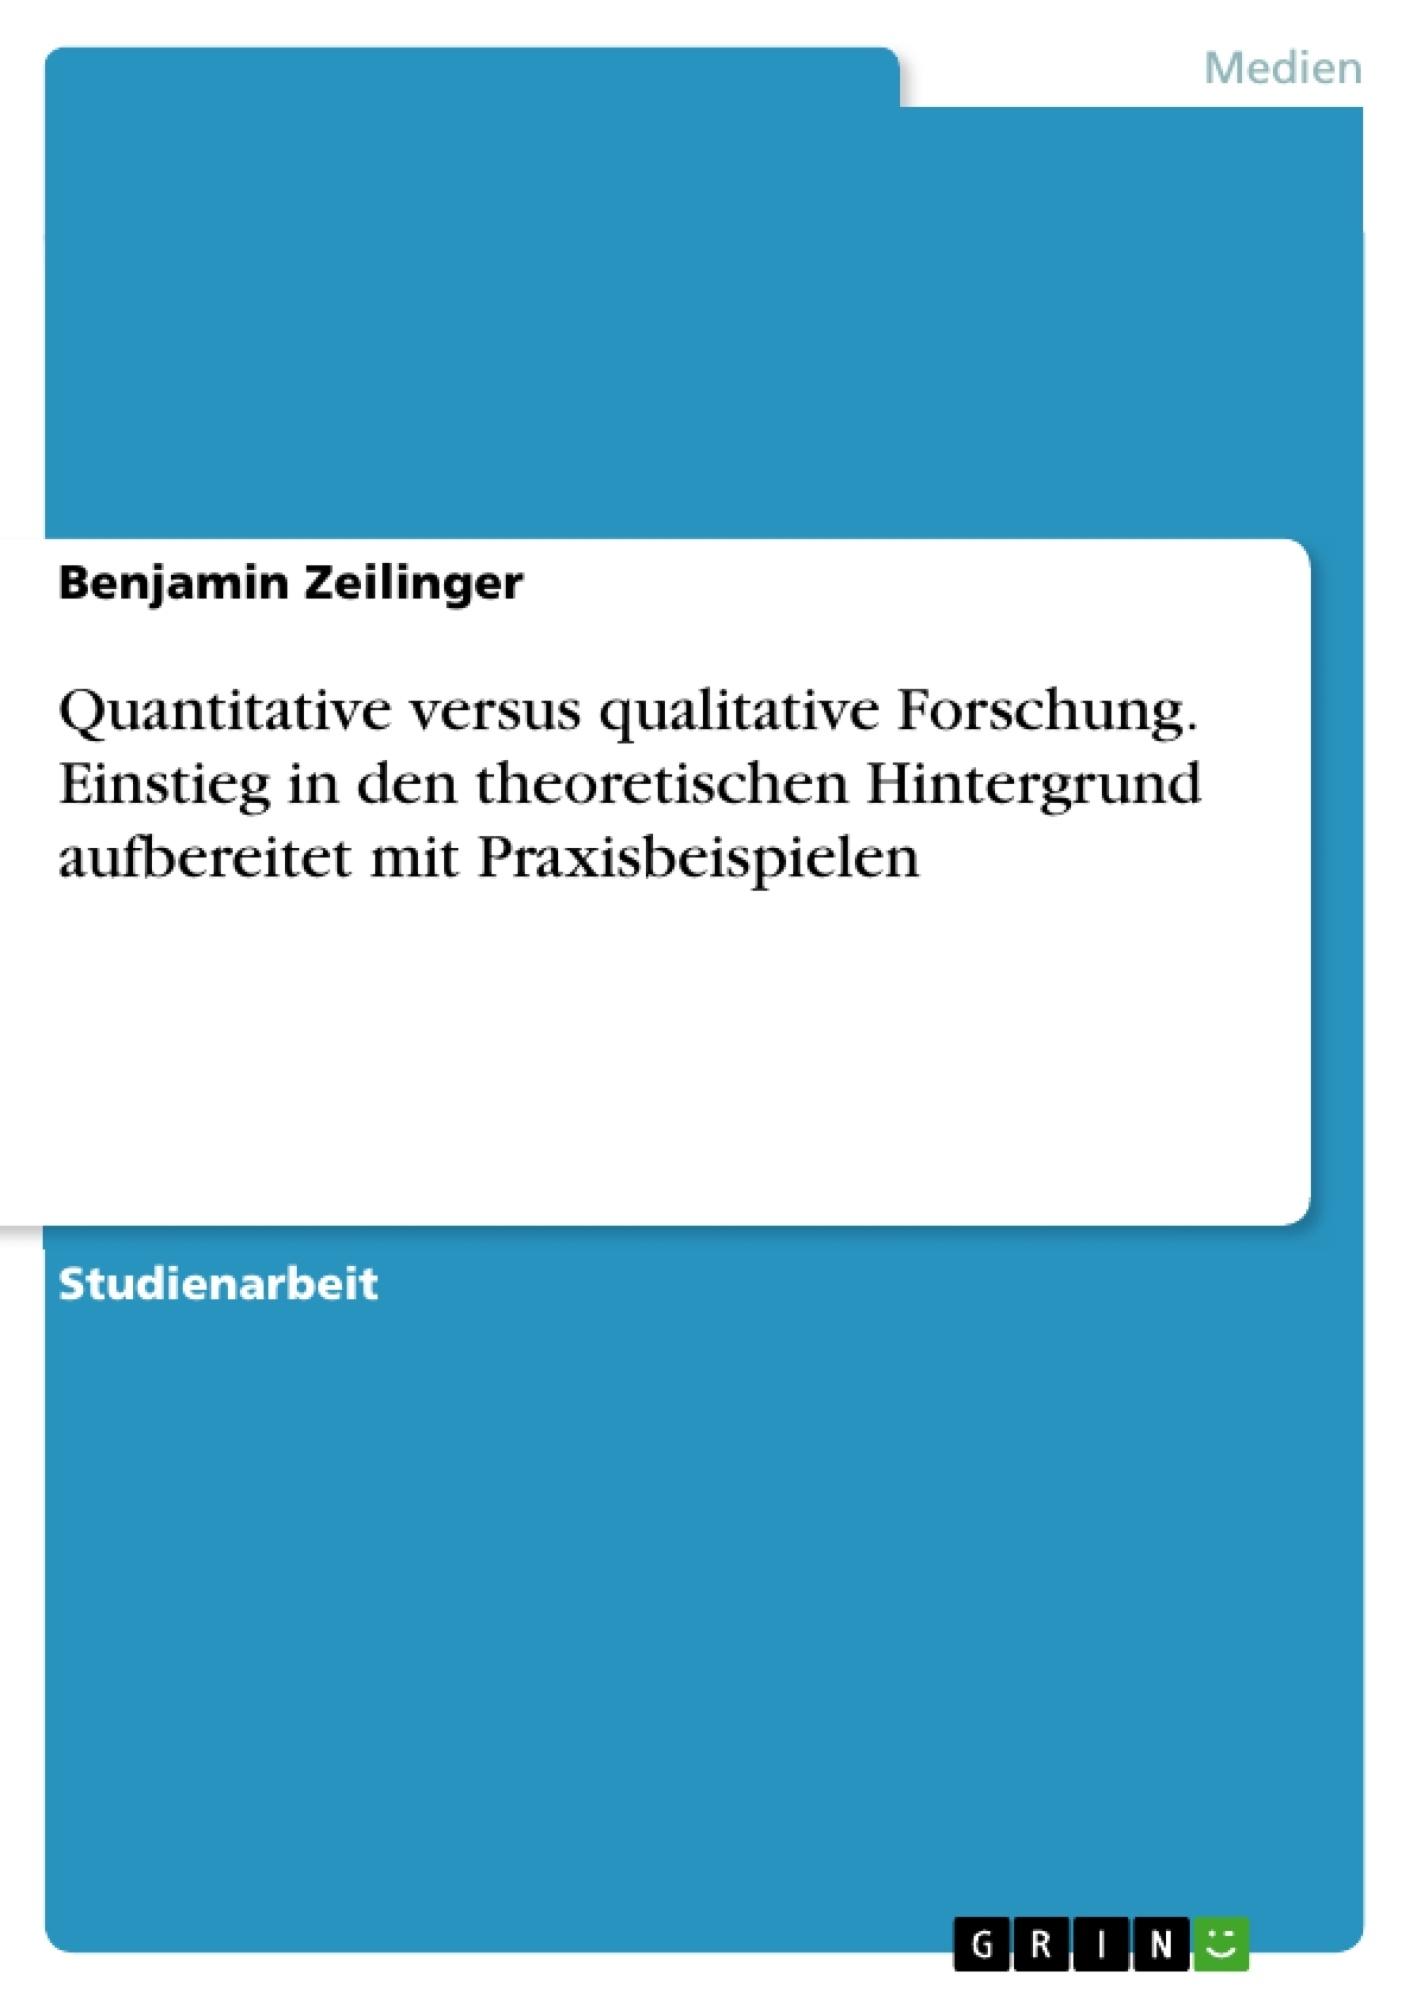 Titel: Quantitative versus qualitative Forschung. Einstieg in den theoretischen Hintergrund aufbereitet mit Praxisbeispielen